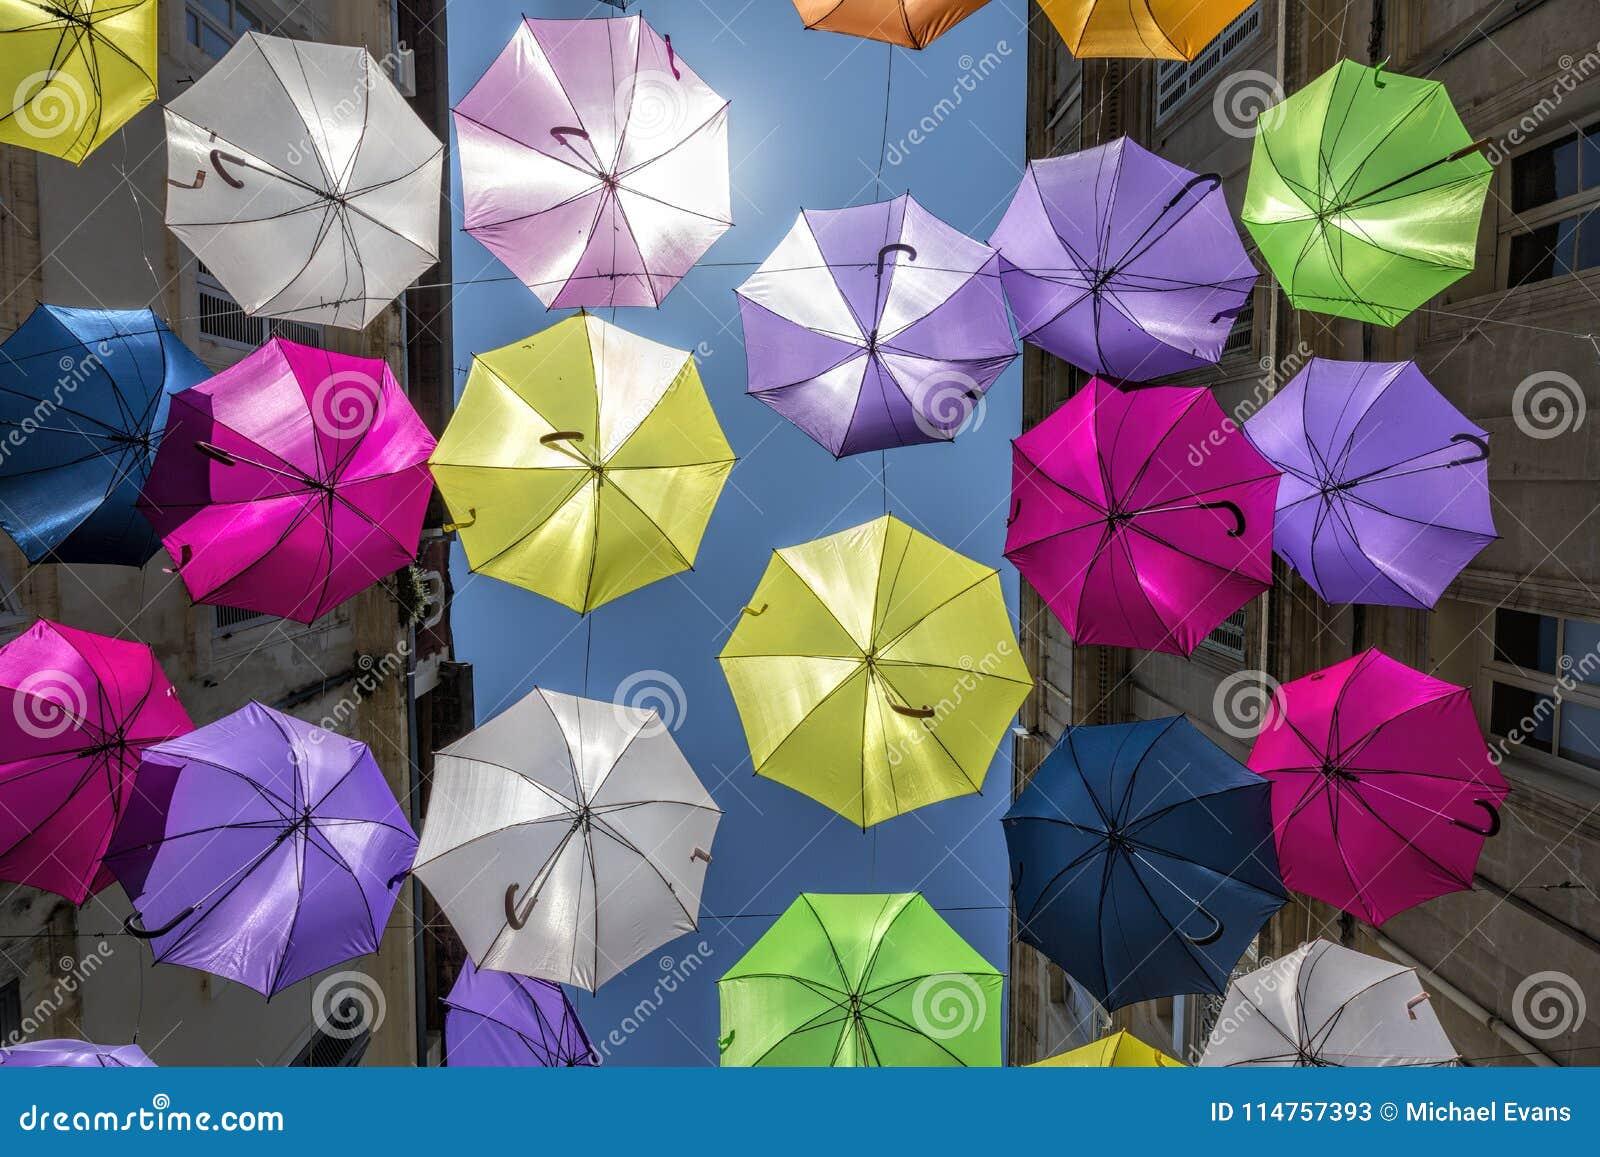 Multi farbige Regenschirme als Straßenkunst in Arles, Provence, südlich von Frankreich